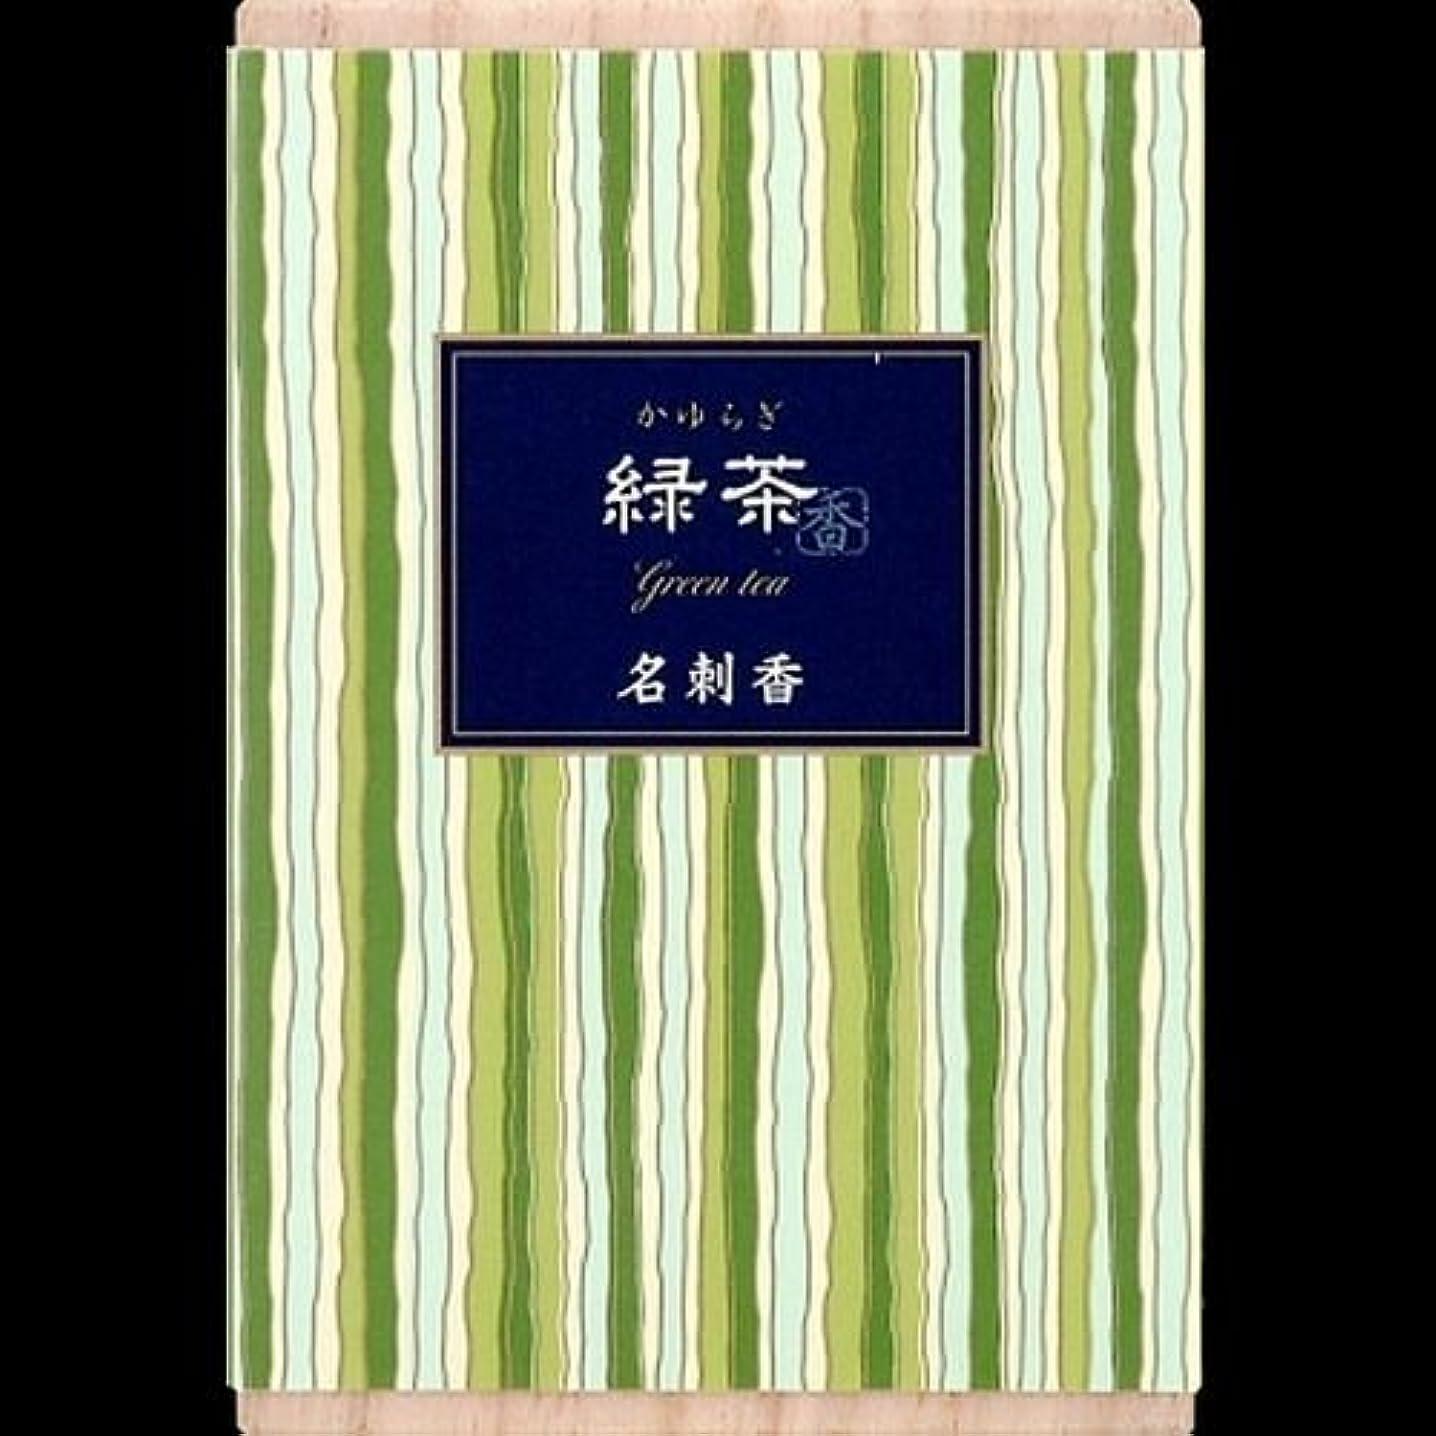 気まぐれな支払い撤退【まとめ買い】かゆらぎ 緑茶 名刺香 桐箱 6入 ×2セット